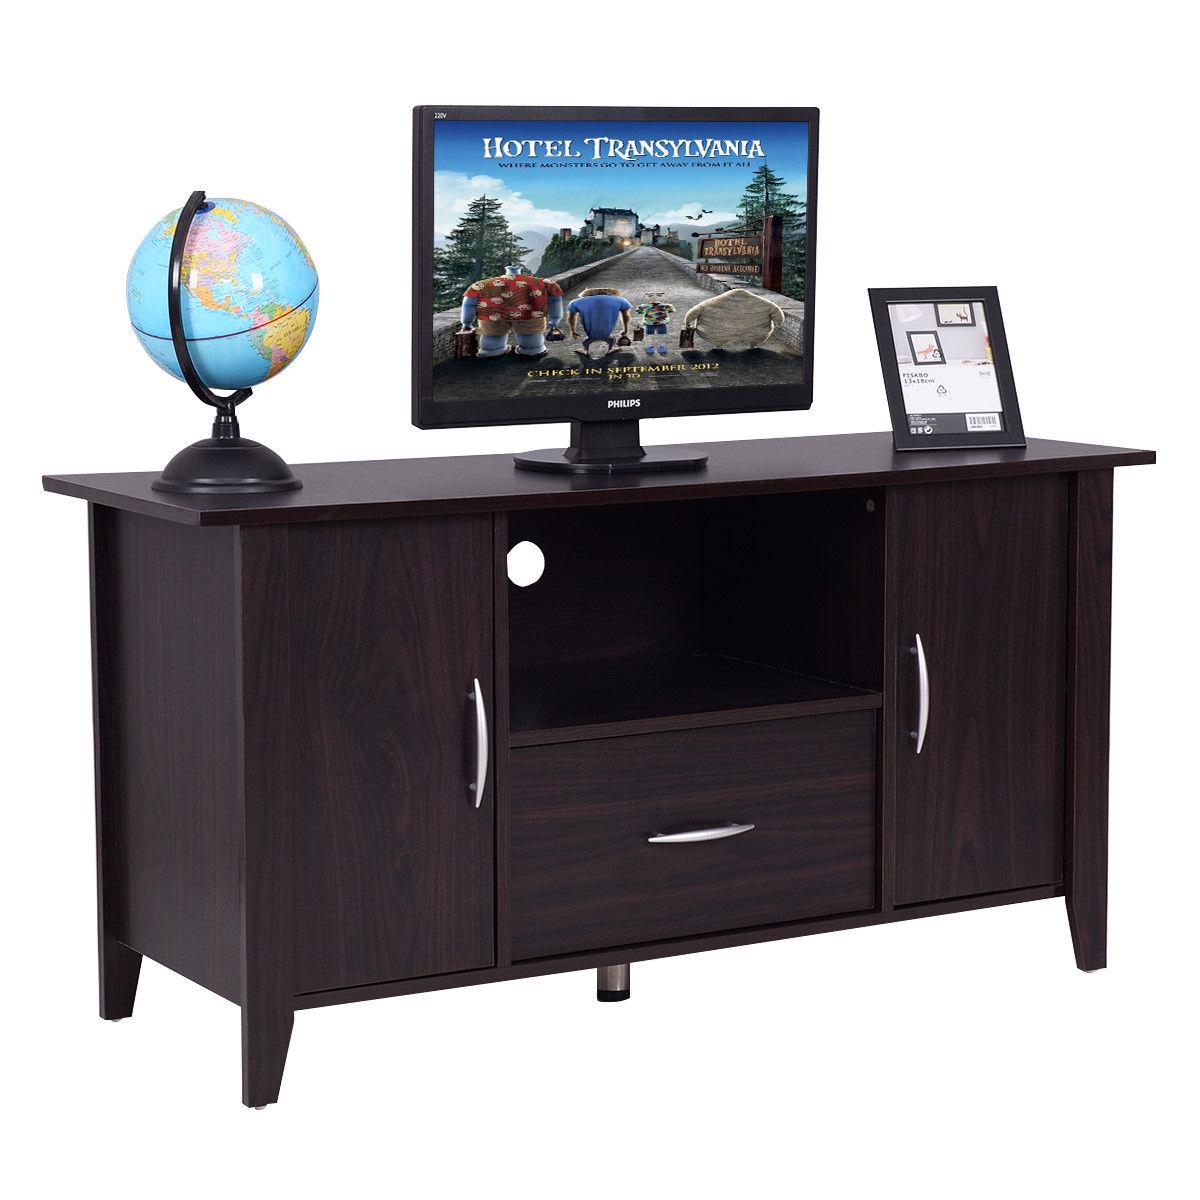 Giantex современный Гостиная ТВ кабинет медиа группа срок хранения ТВ стенд Media консоли мебель для дома HW54821NA